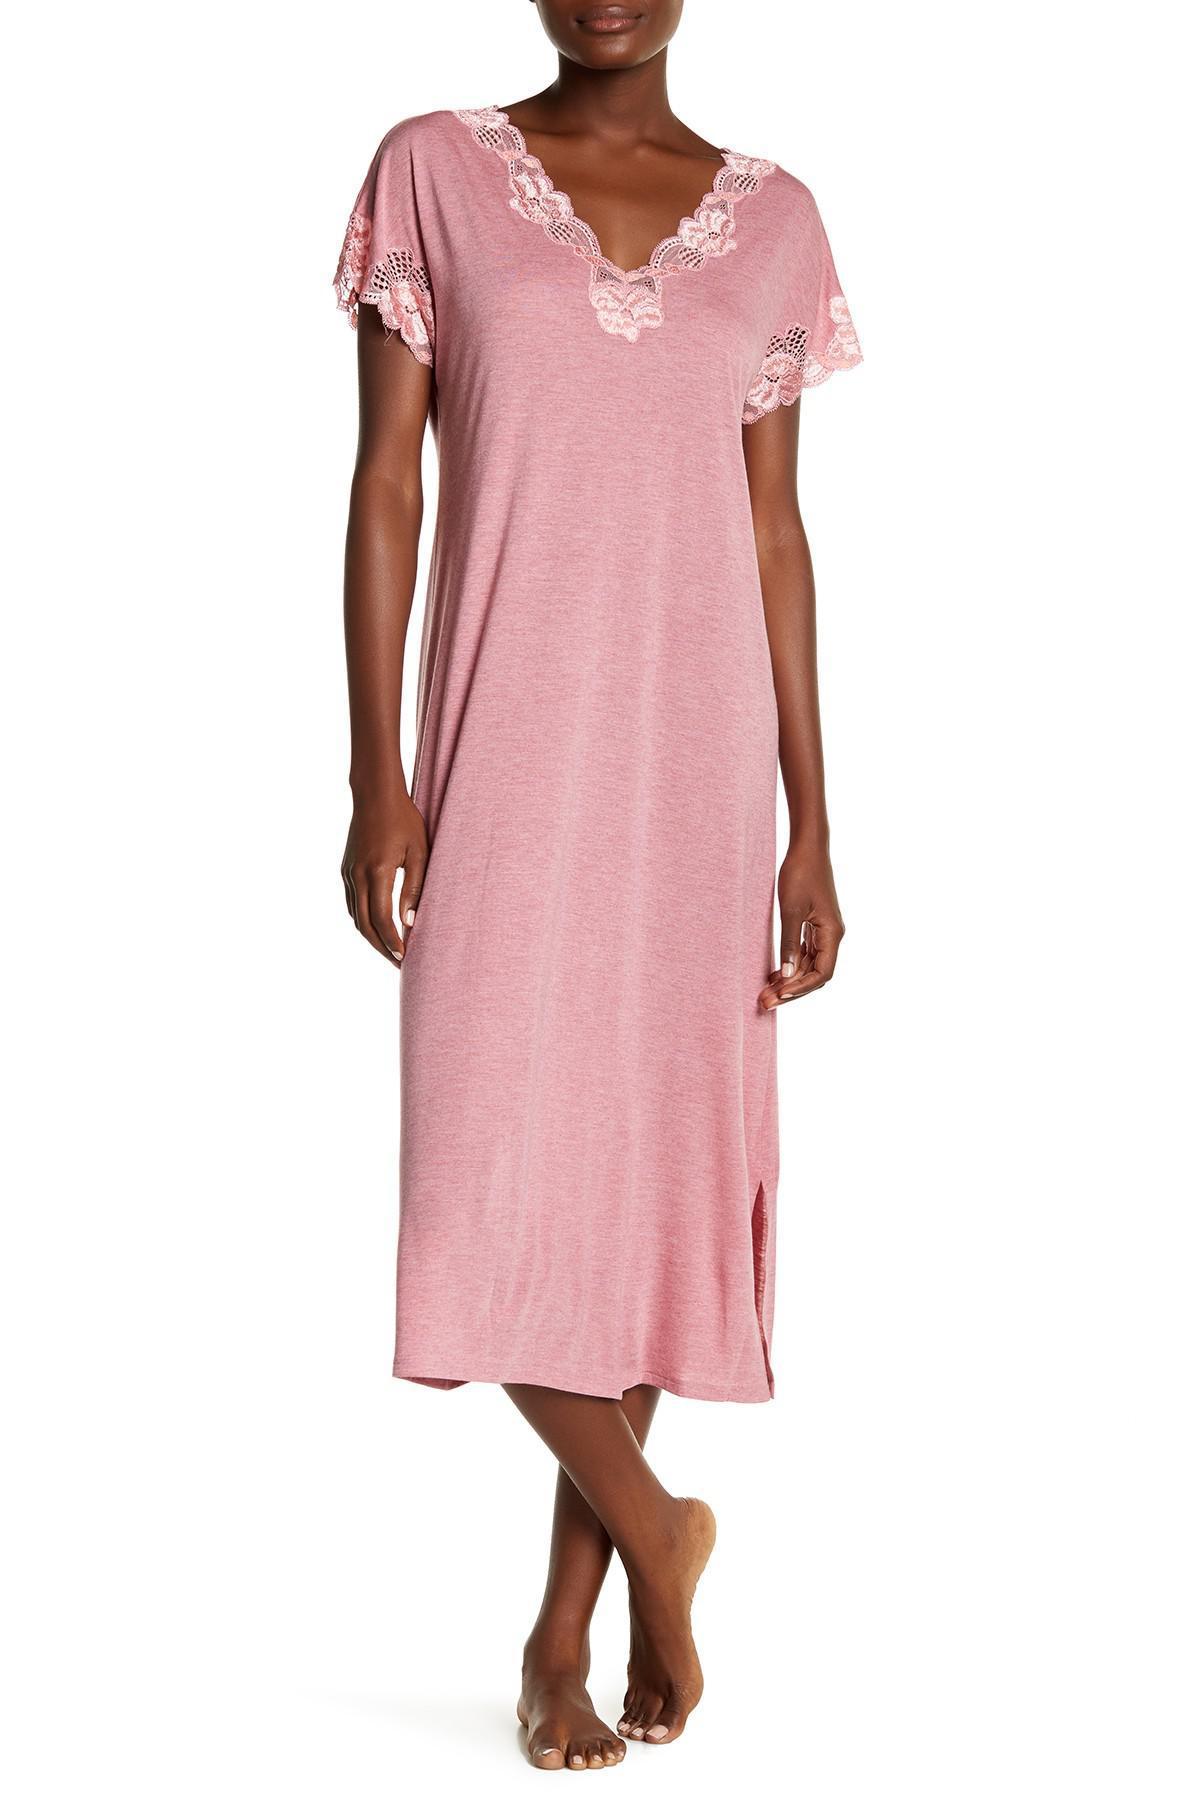 Lyst - Natori Zen Floral Lace Trim Sleep Gown in Pink